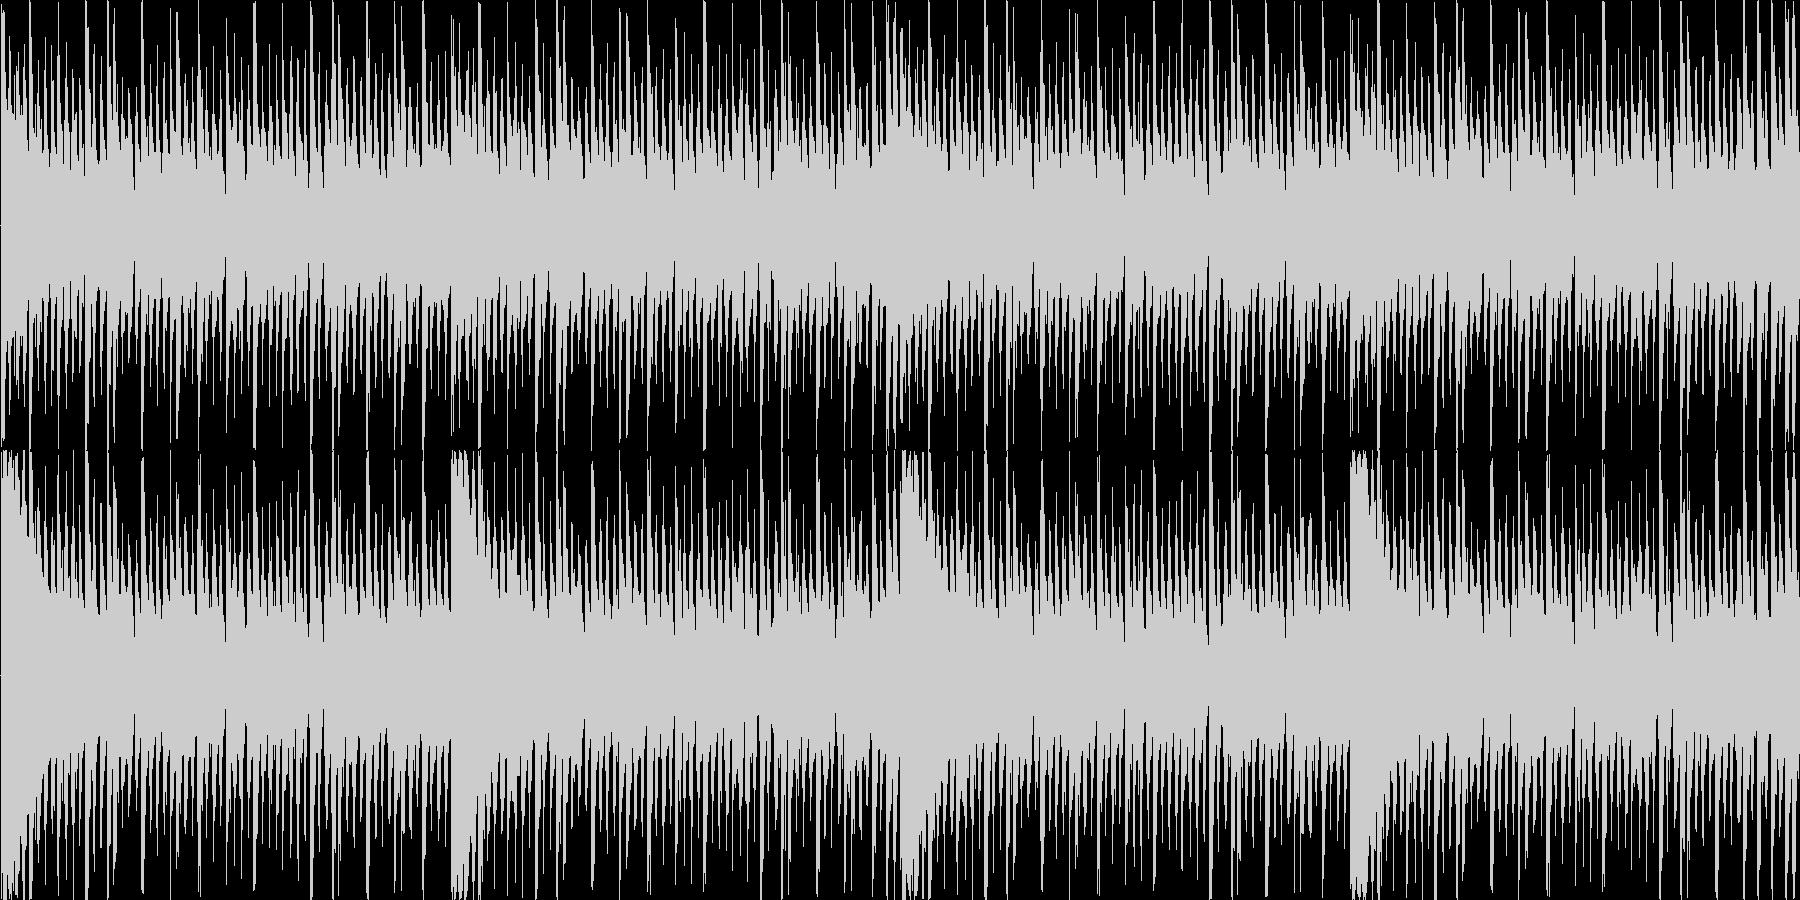 ロックテイスト溢れるループ曲ですの未再生の波形